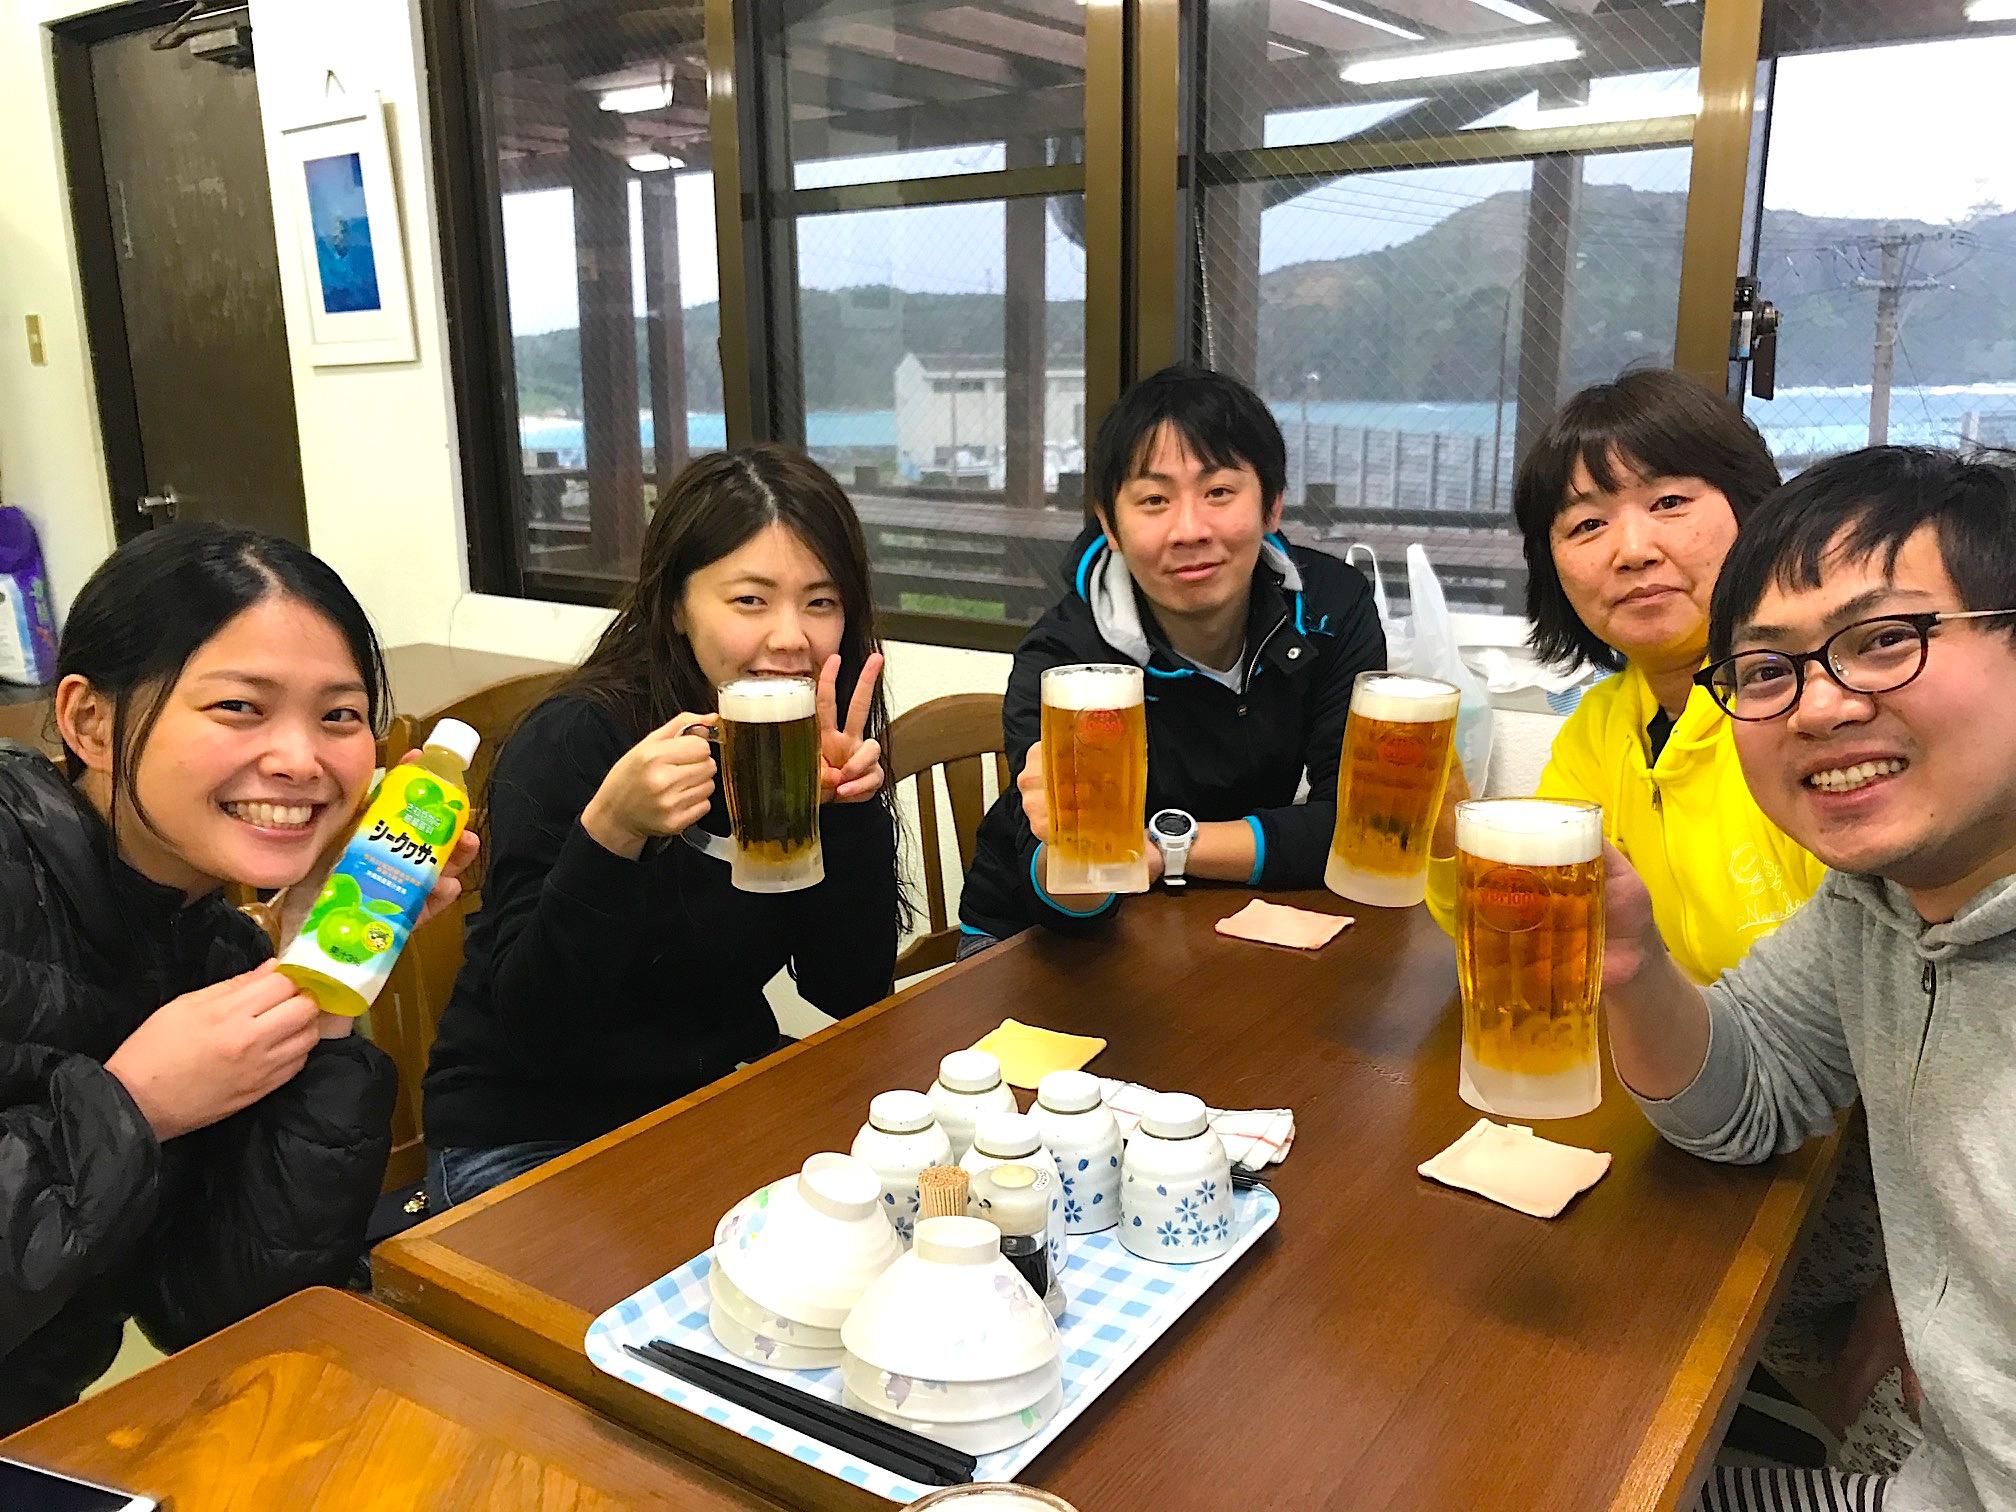 リゾートで飲むビール